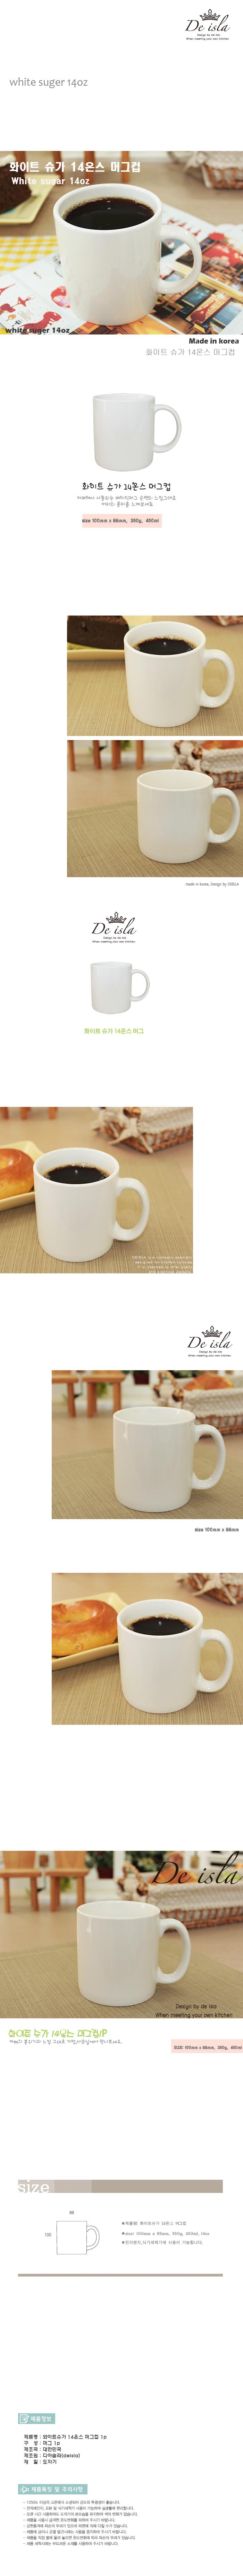 화이트 슈가 14온스 머그컵 - 디아슬라, 6,500원, 머그컵, 심플머그